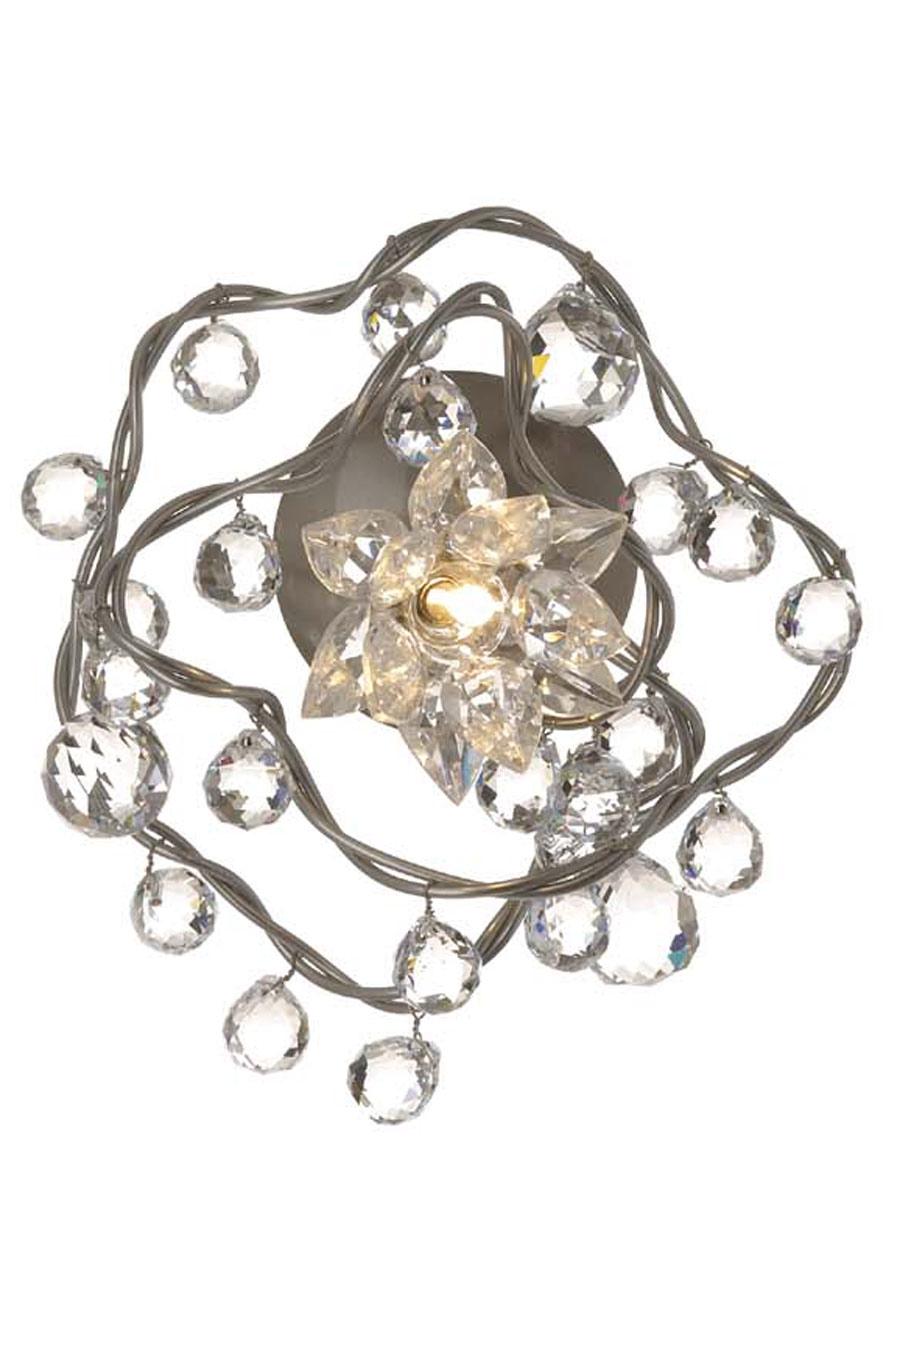 Jewel Diamond applique 1 lumière transparente en verre transparent. Harco Loor.